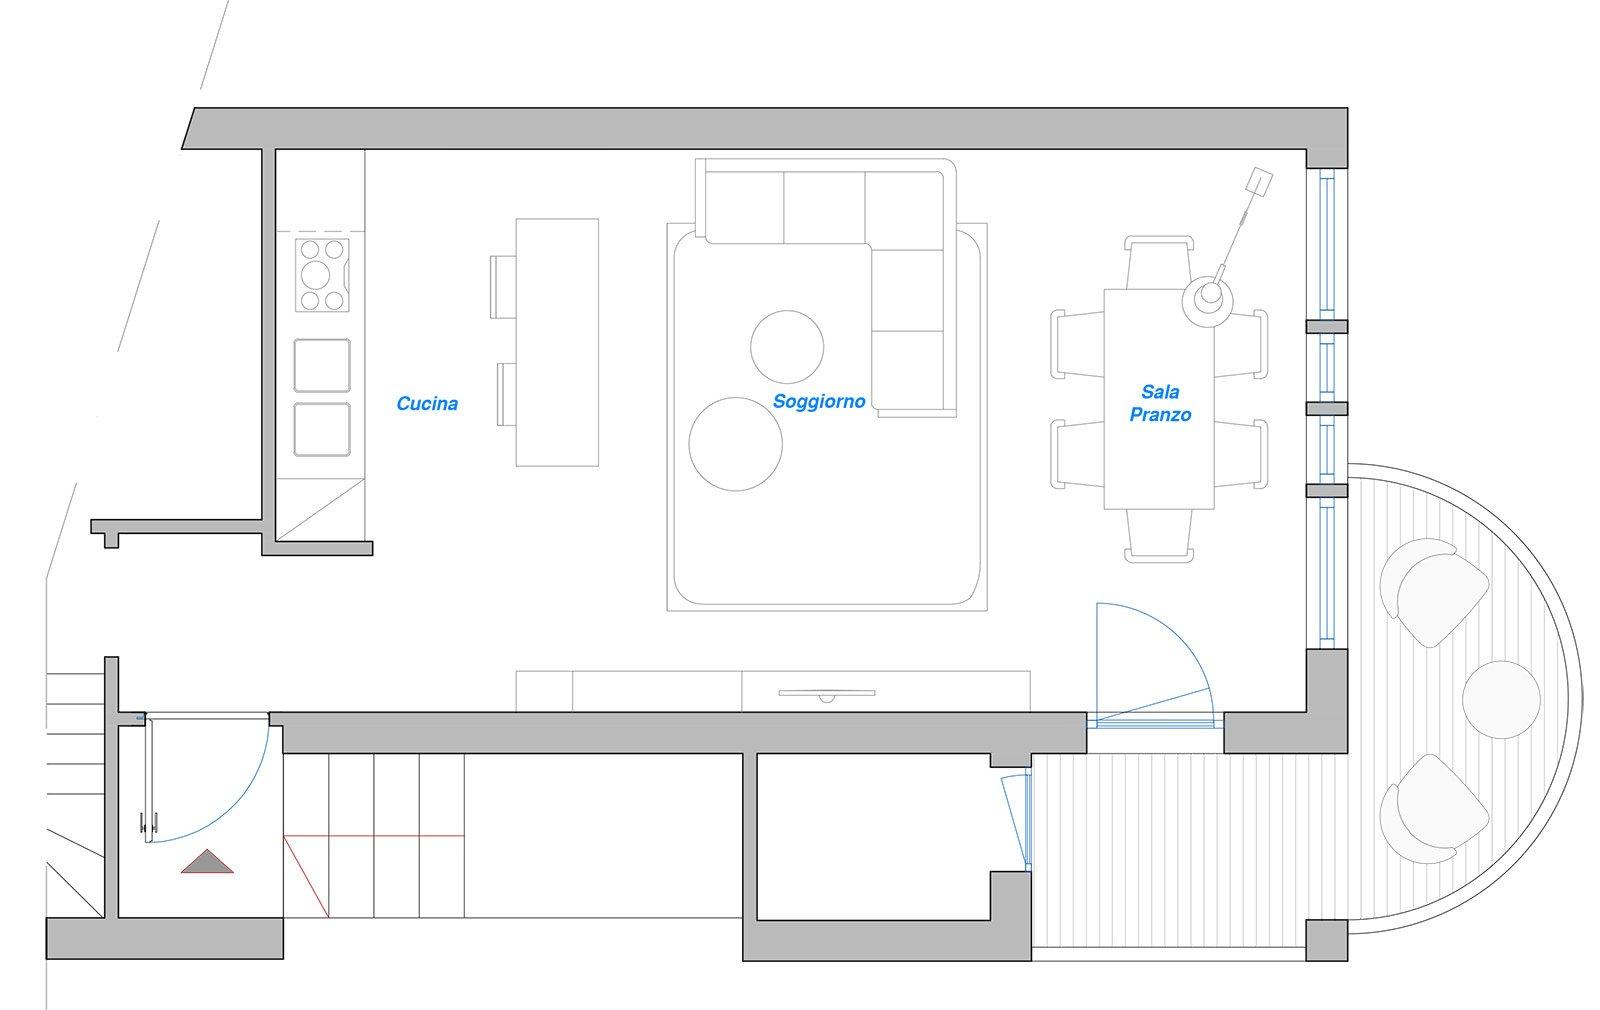 100+ [ Progettare Cucina Ikea Online ] | Beautiful Ikea Cucina 3d ...